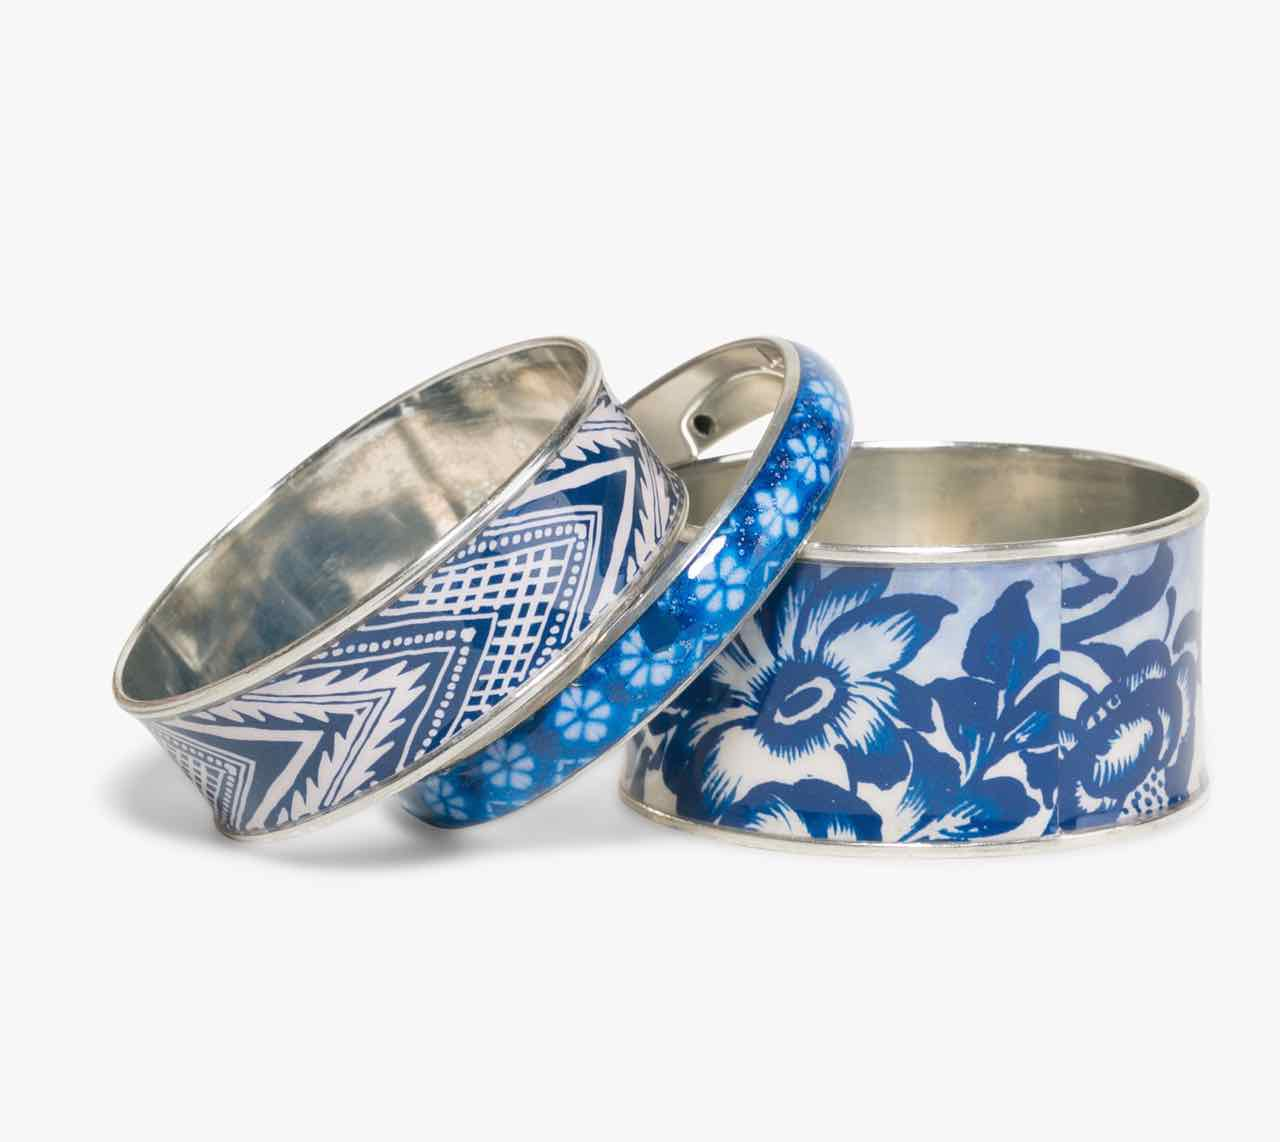 74G9EA7_5000_ Desigual Bracelet Pulseras Turner Buy Online